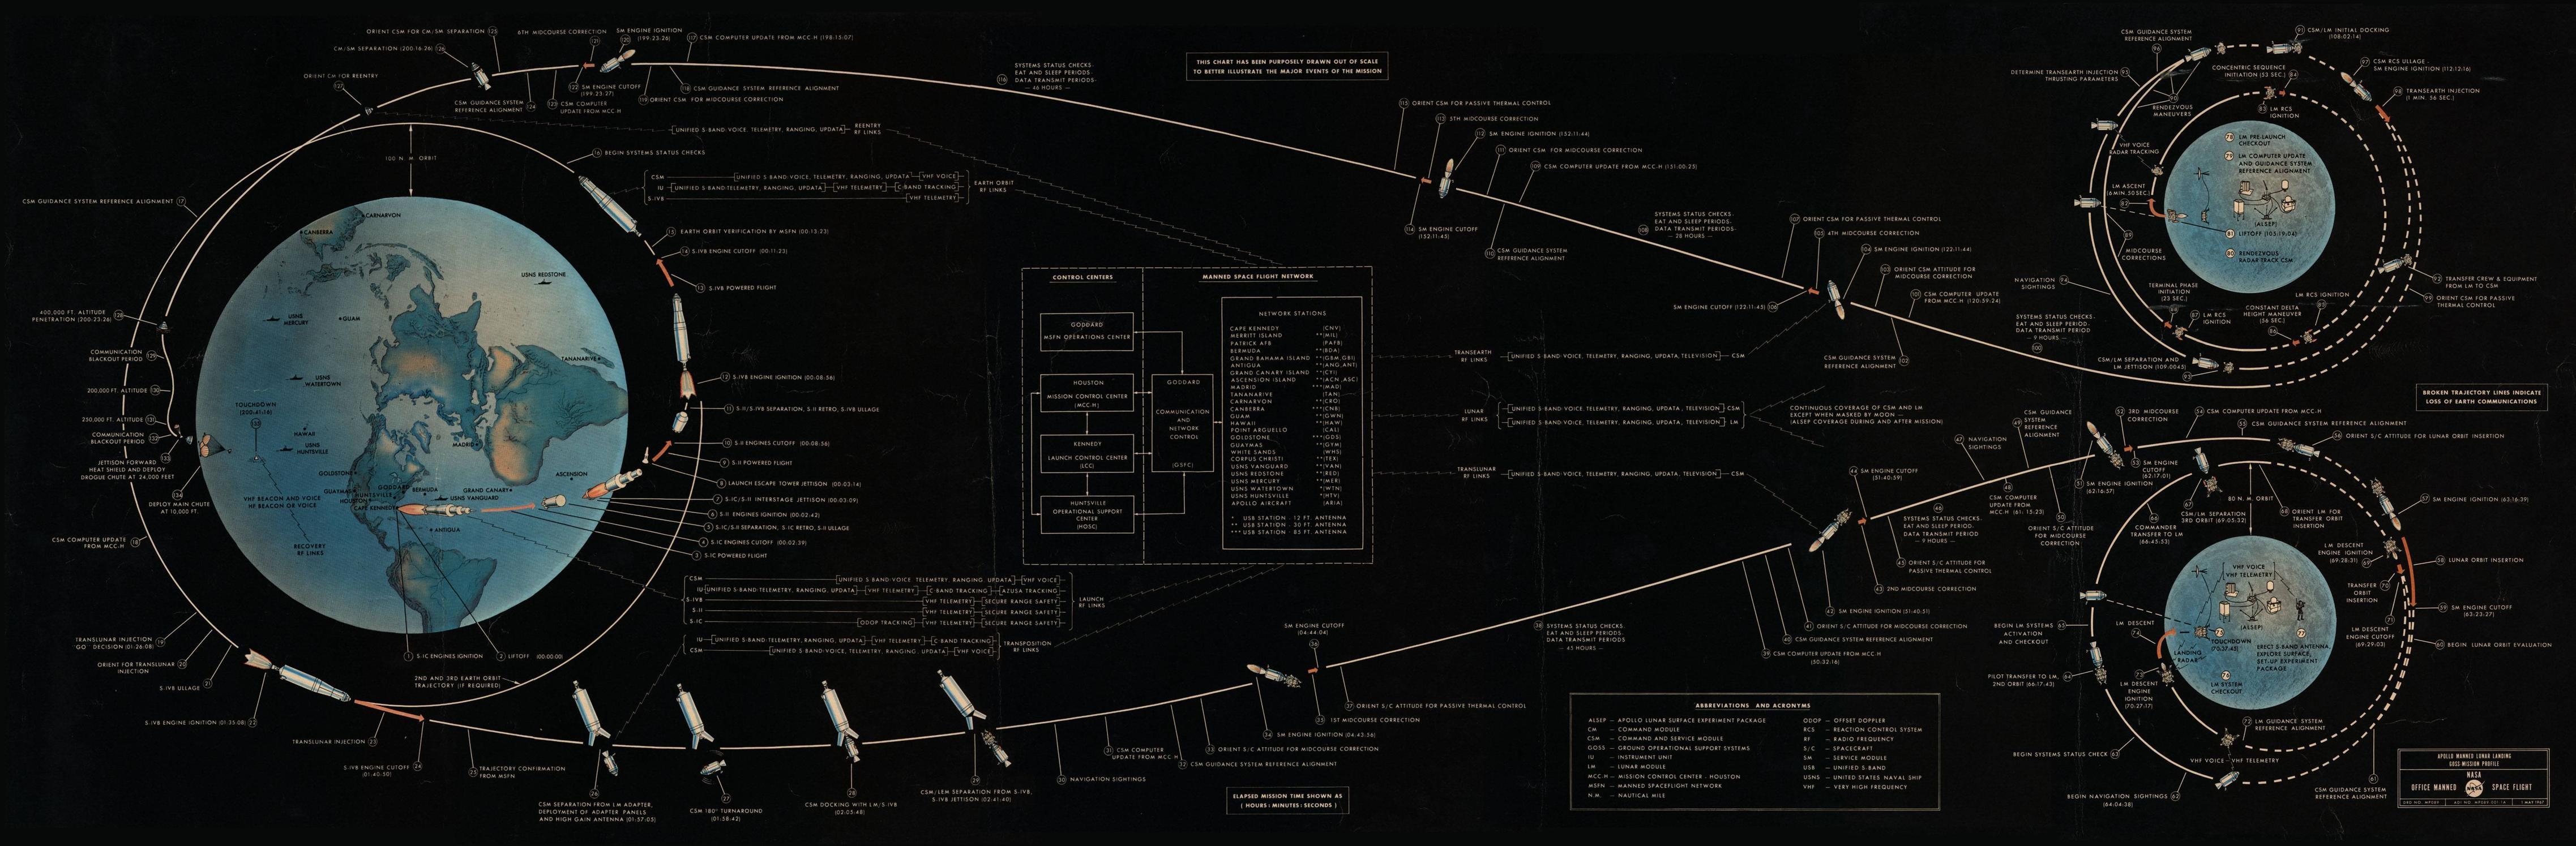 Apollo 11 Mission Profile 4550x1495